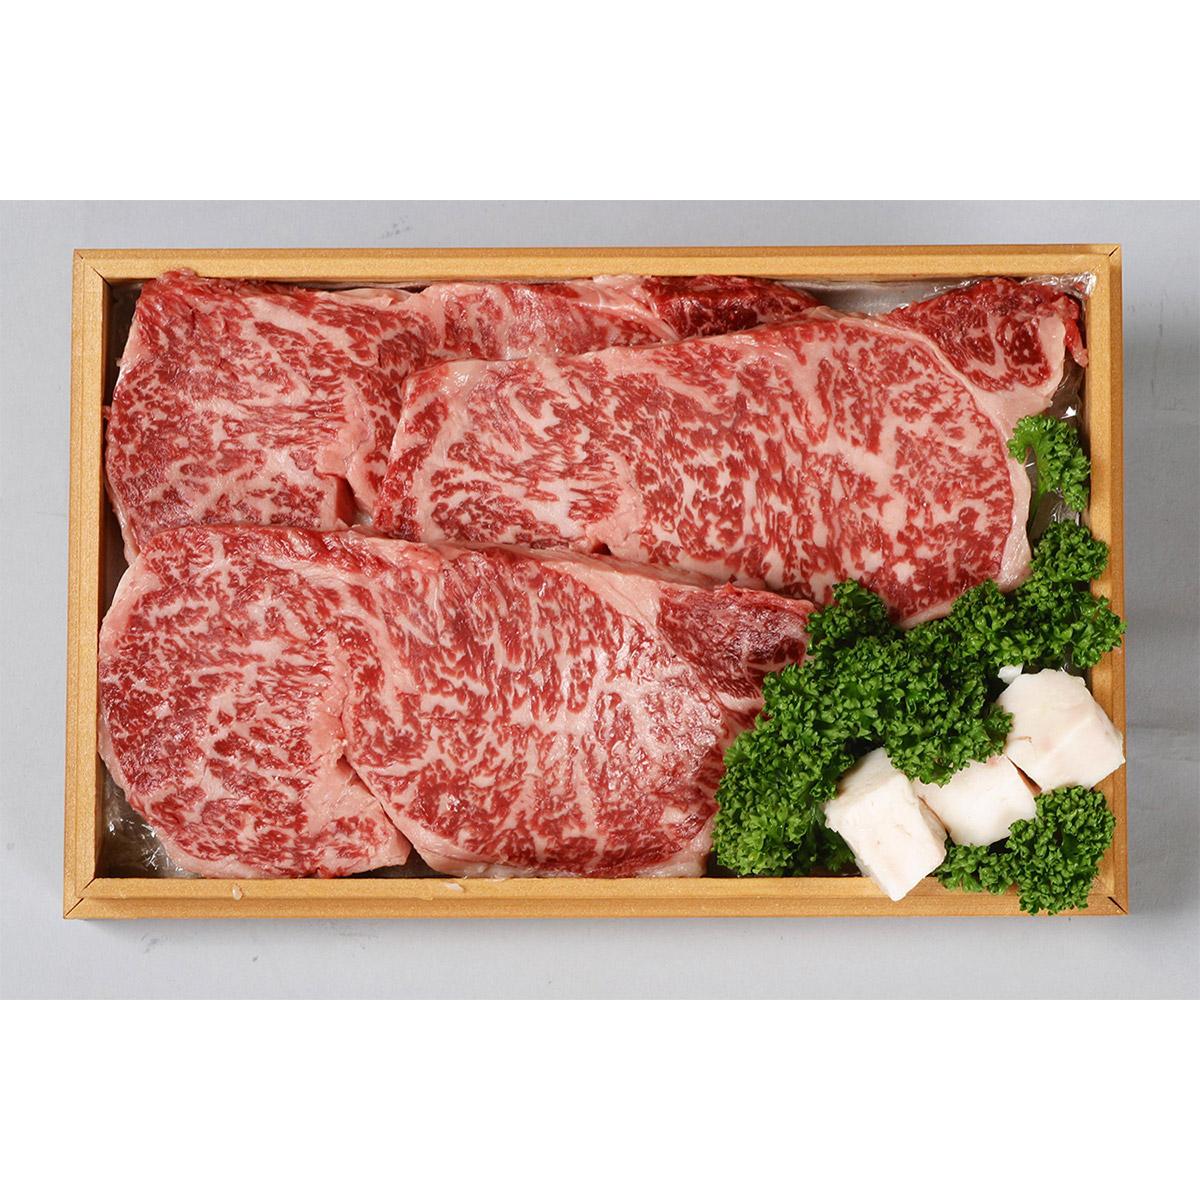 【ふるさと納税】オホーツクあばしり和牛 サーロインステーキセット